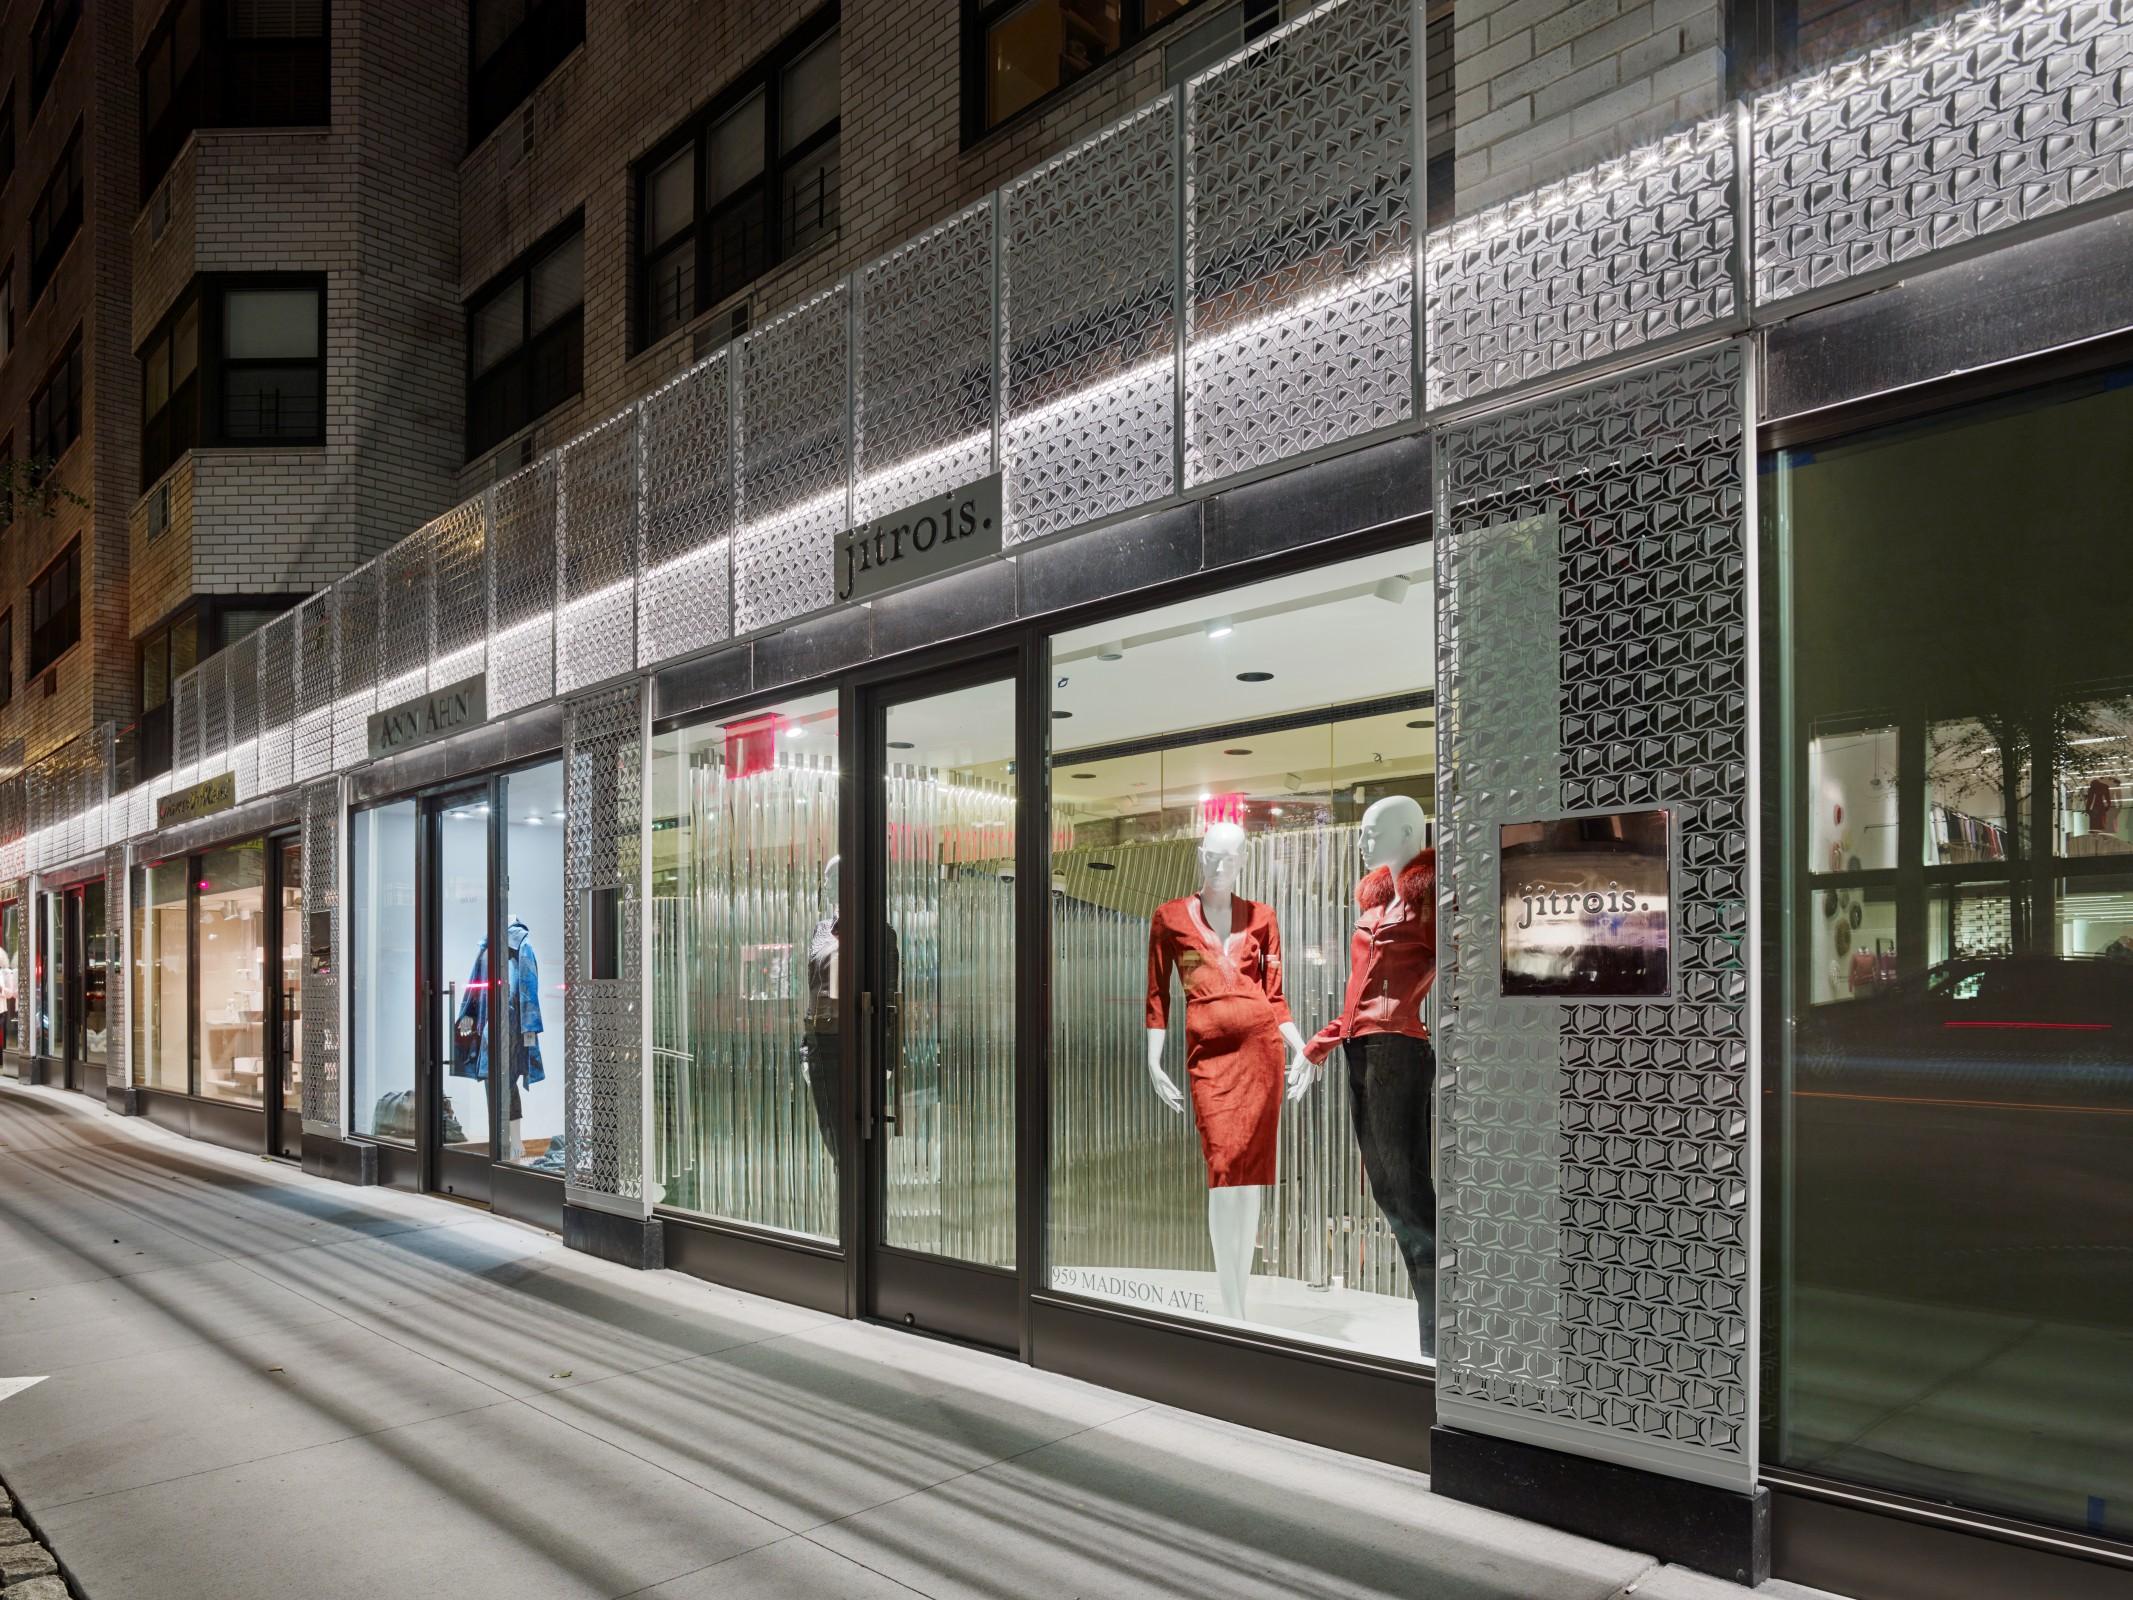 De gevel van schoenenmerk Christian Louboutin in Manhattan New York heeft een gevelbekleding met uniek patroon van open en variabele vlakjes